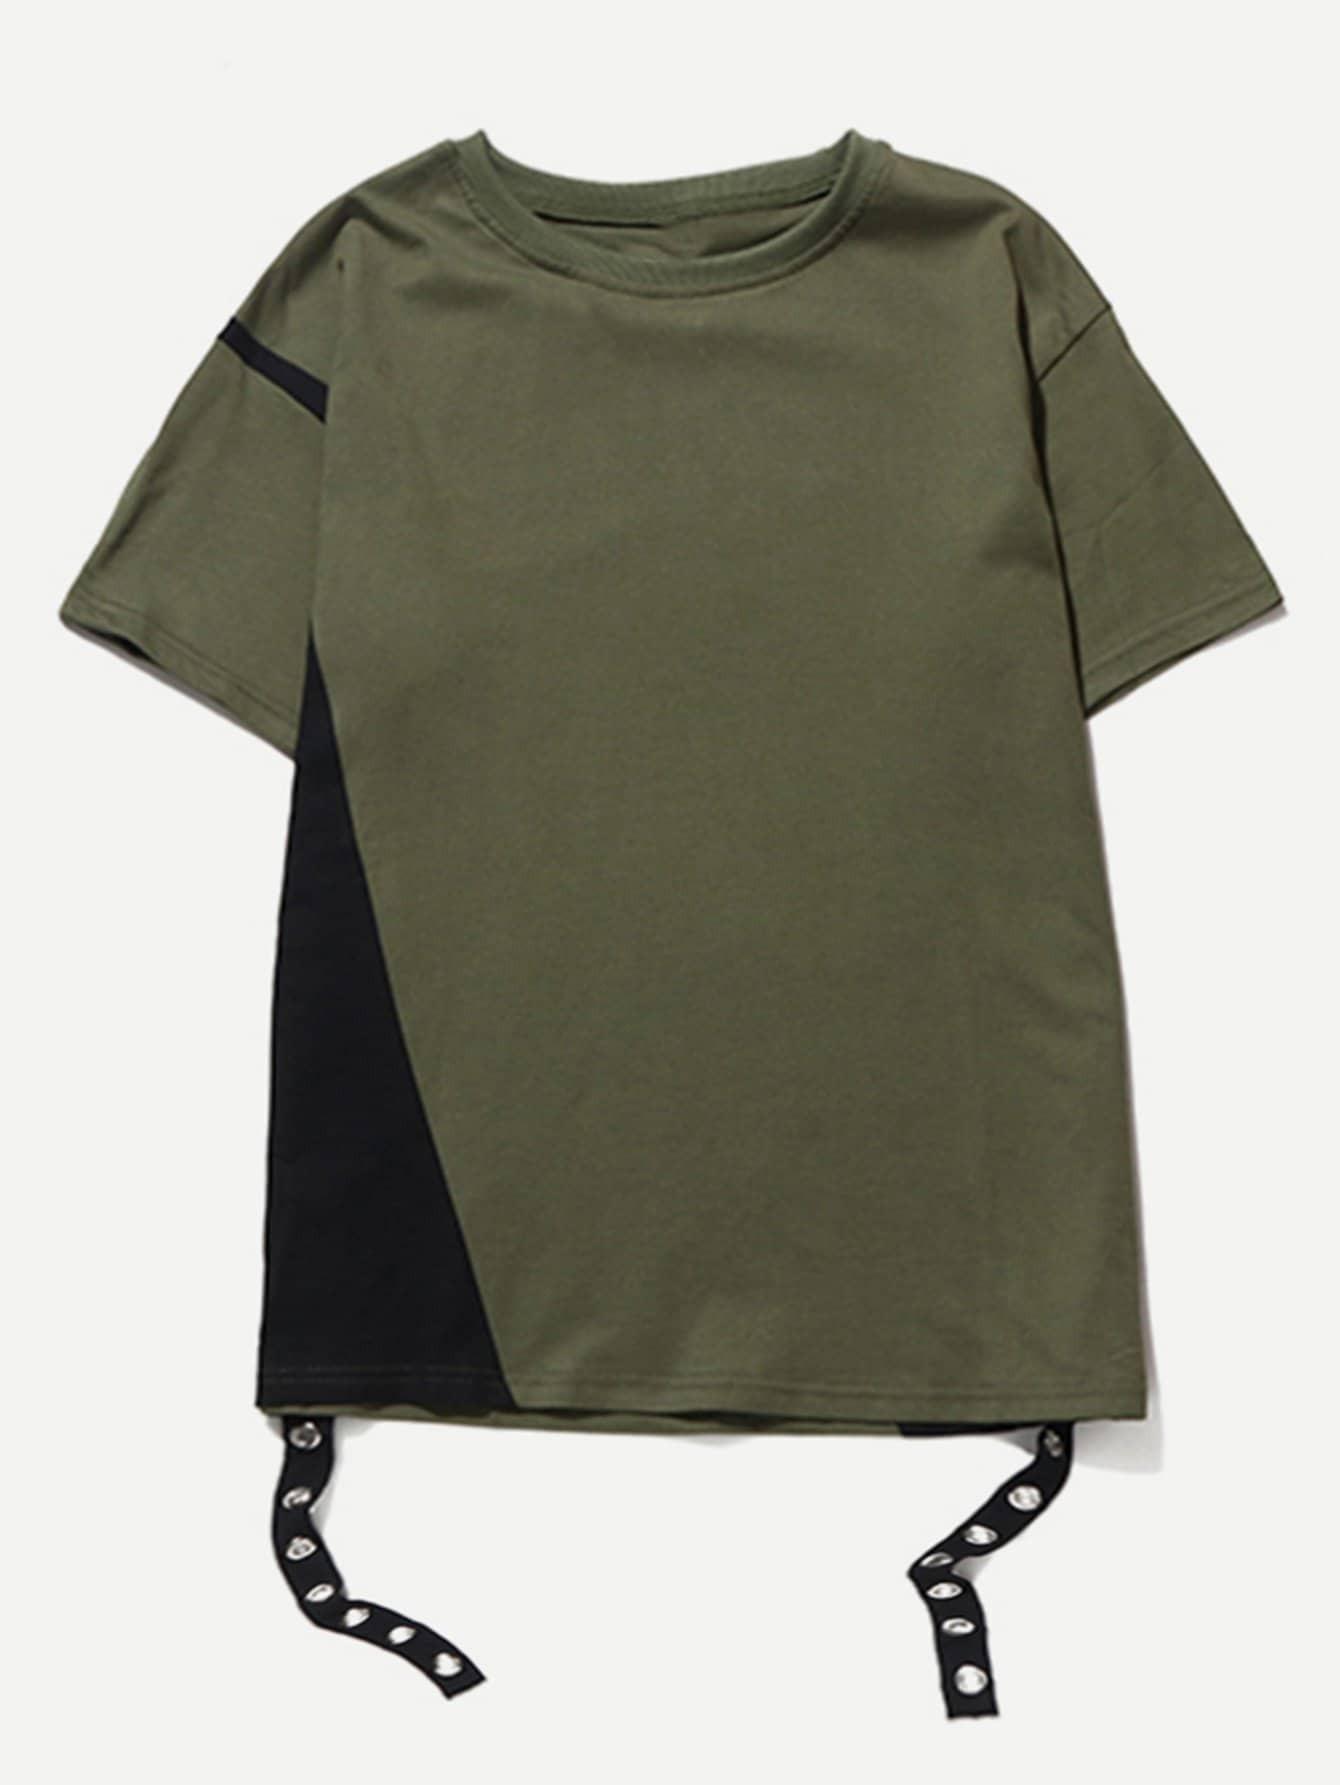 Men Zip Side Curved Hem Tee batwing sleeve pocket side curved hem textured dress